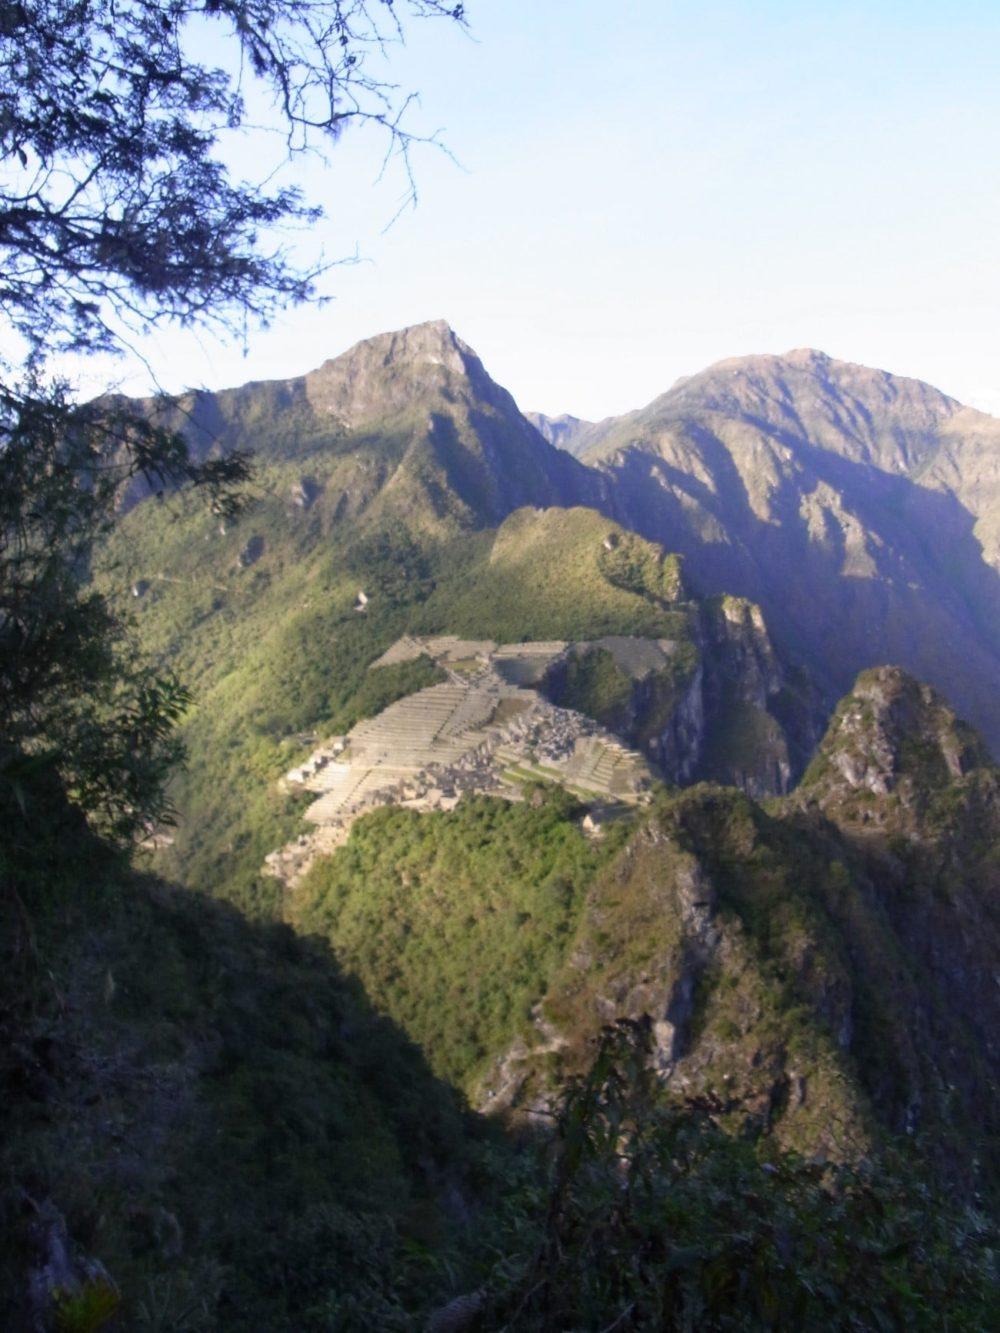 ペルー マチュピチュ ワイナピチュ登山